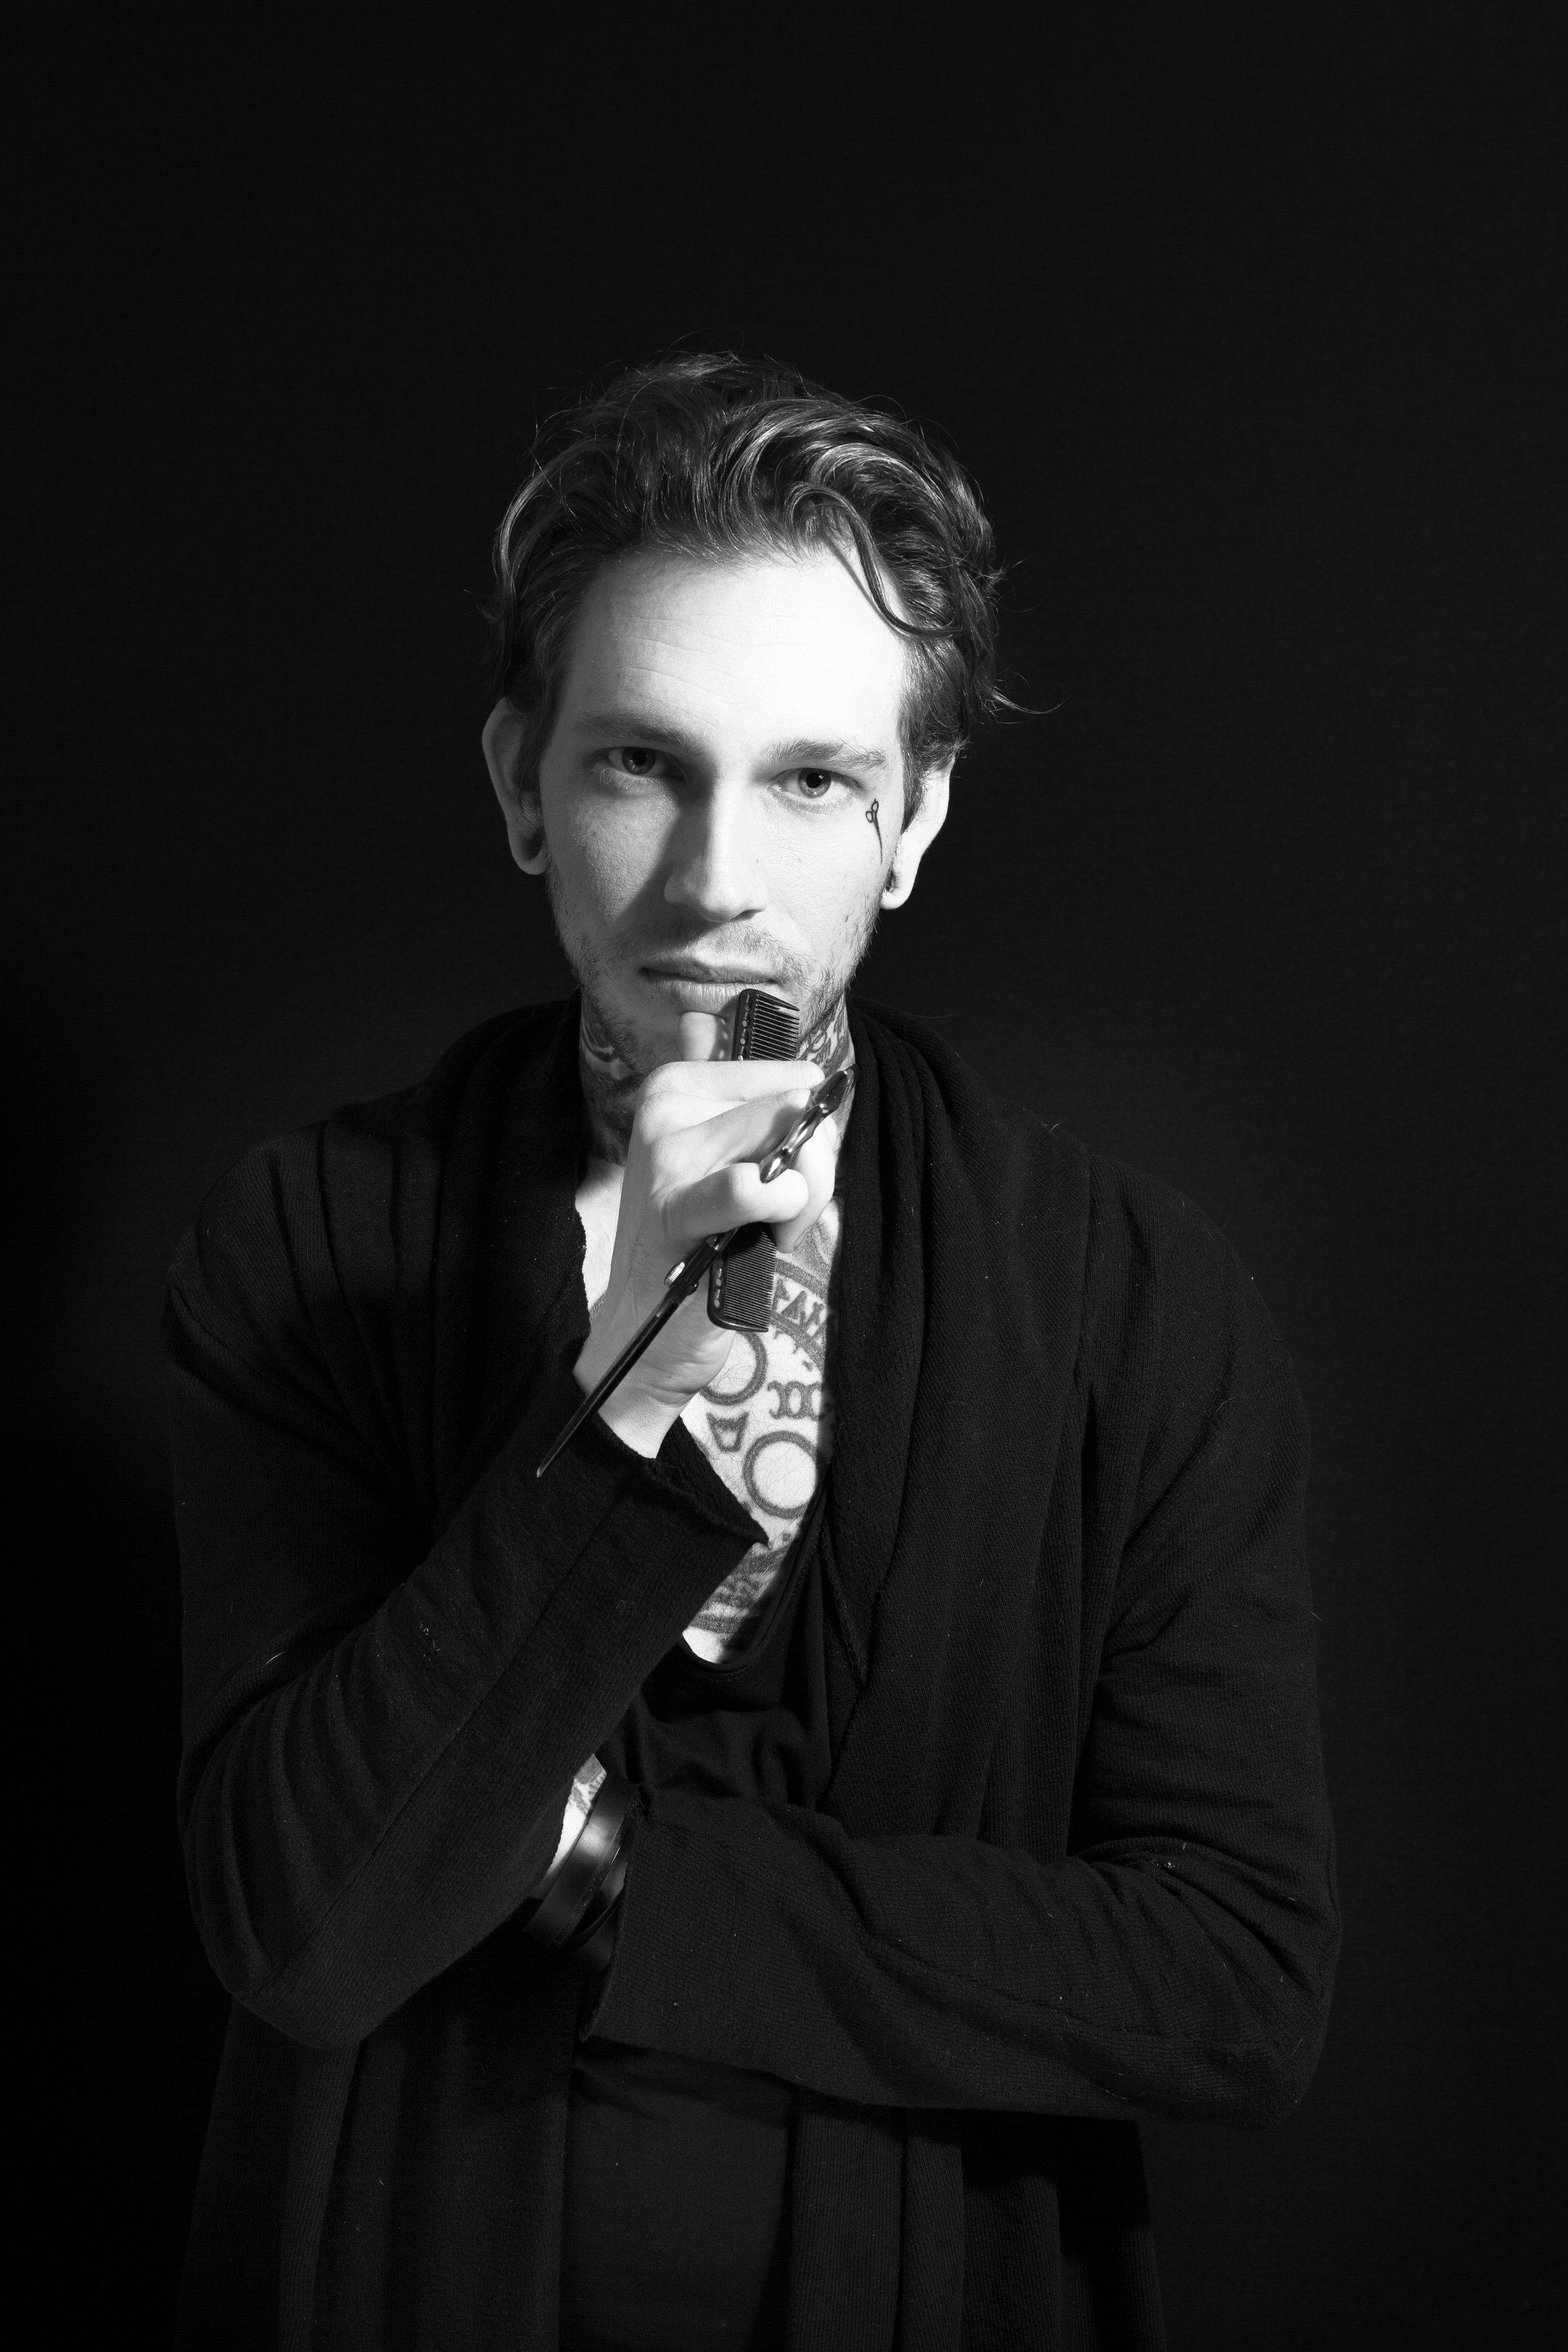 Brandon Messinger